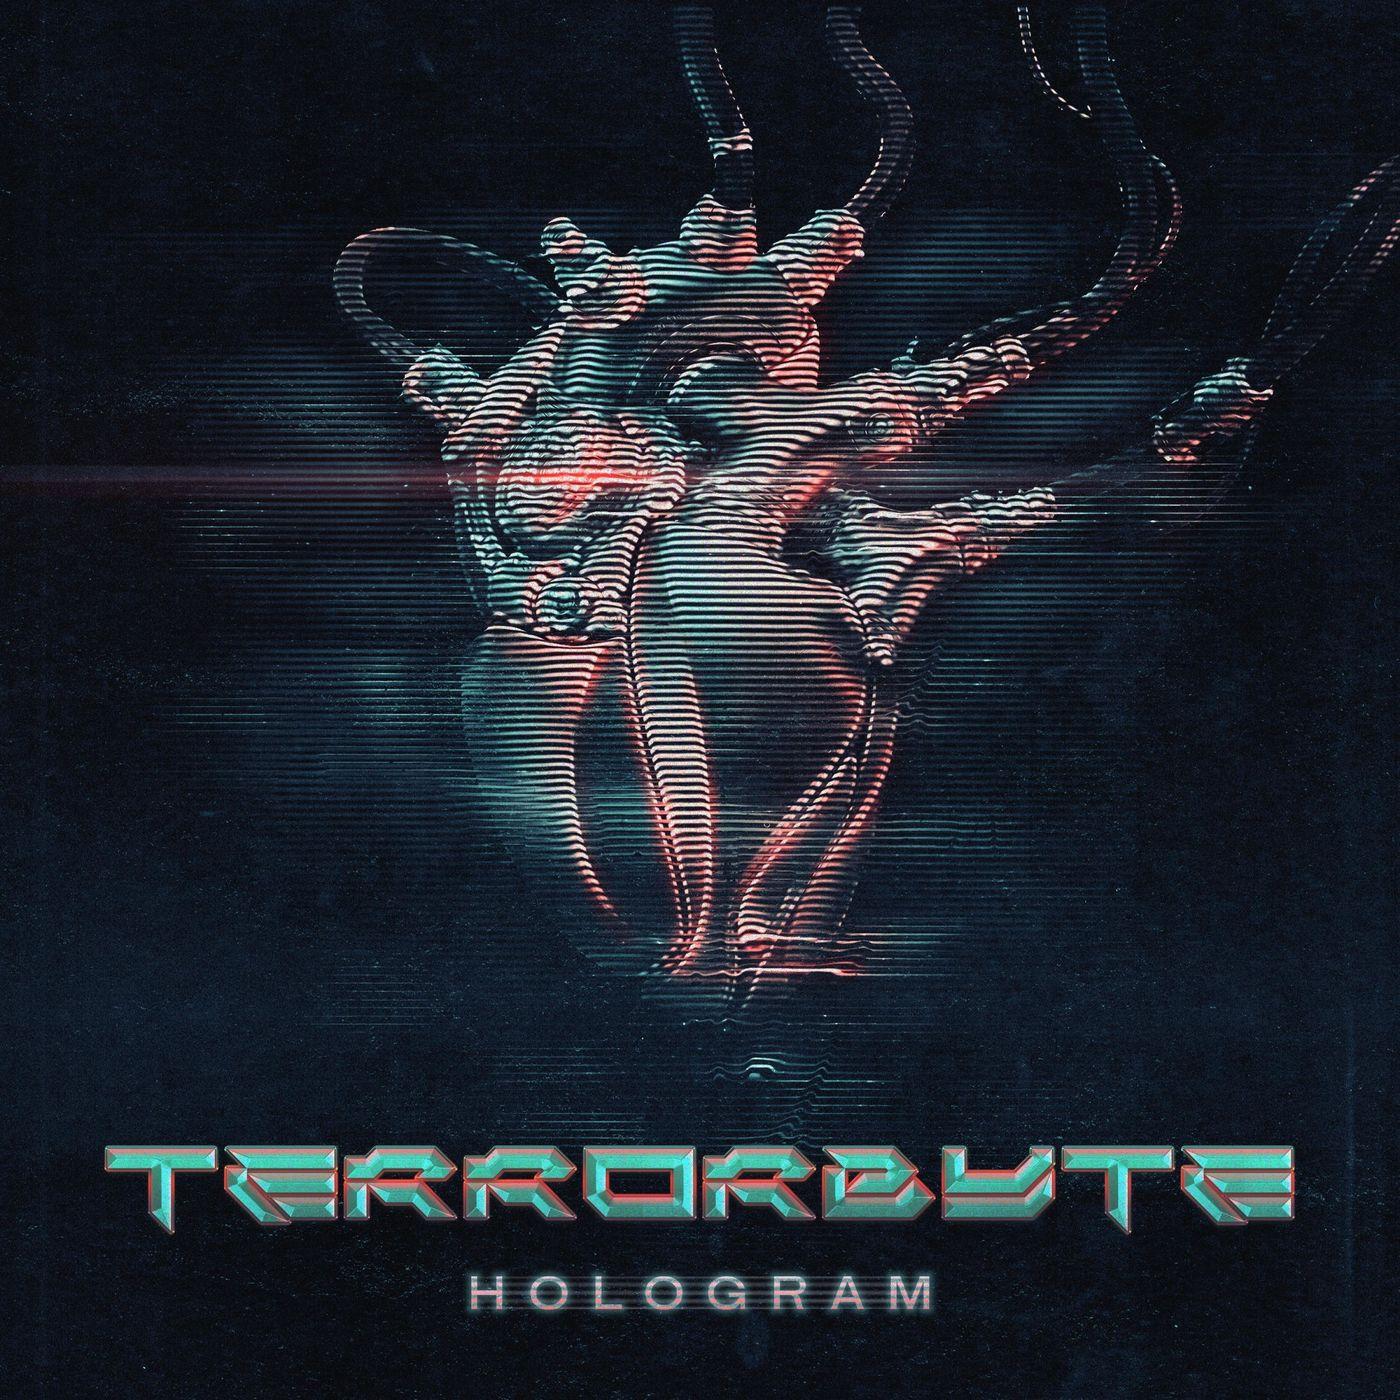 Terrorbyte - Hologram [single] (2020)